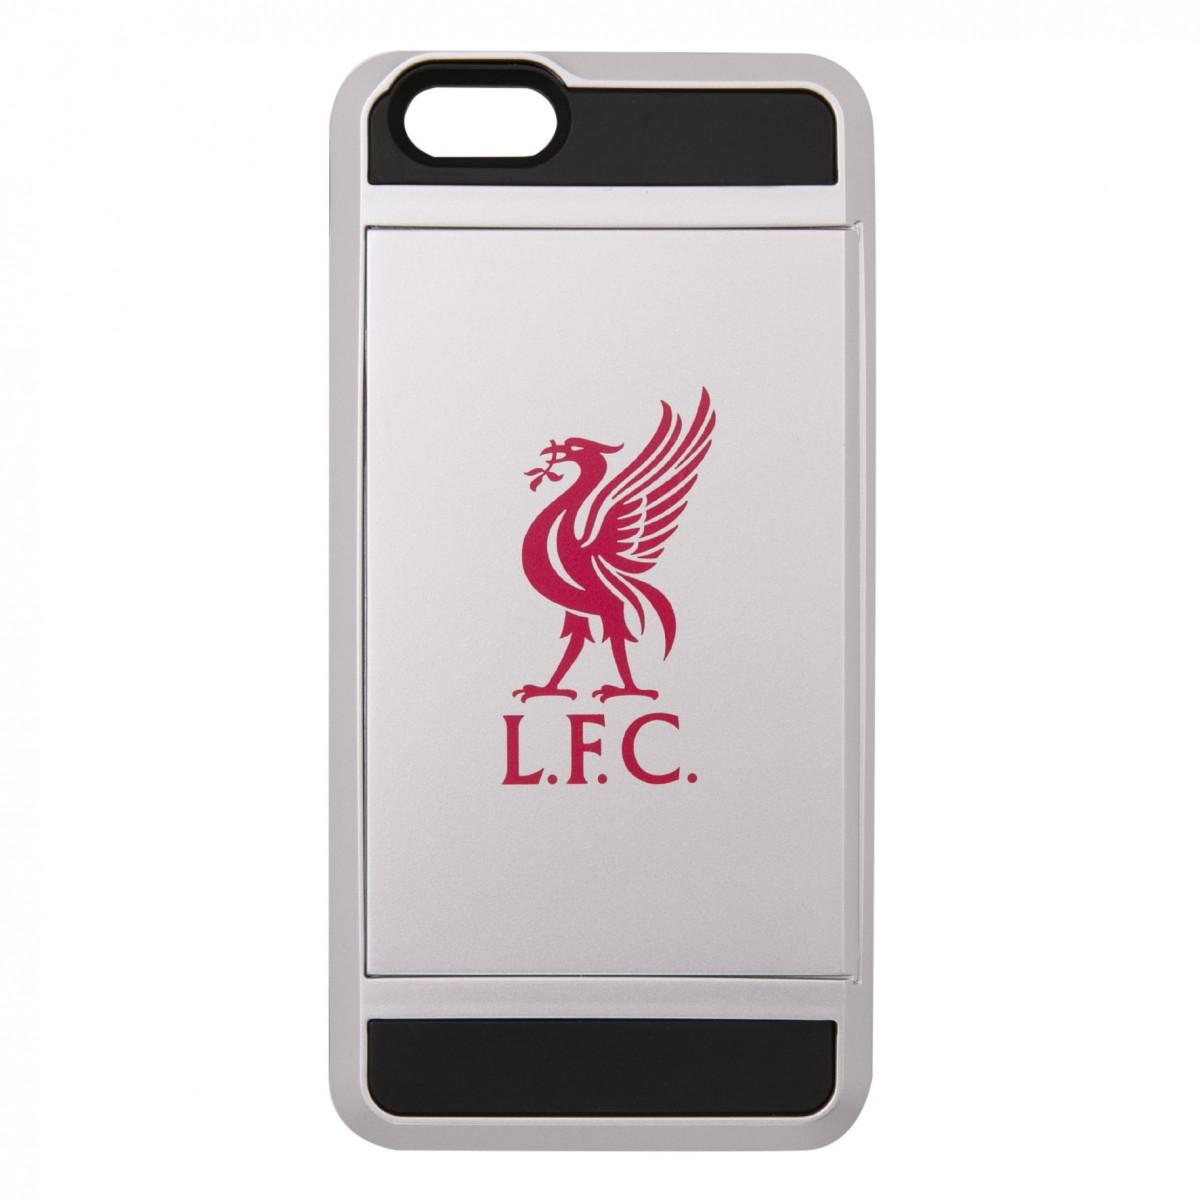 เคสไอโฟน6 ลิเวอร์พูลของแท้ Liverpool iPhone 6 Card Wallet Case